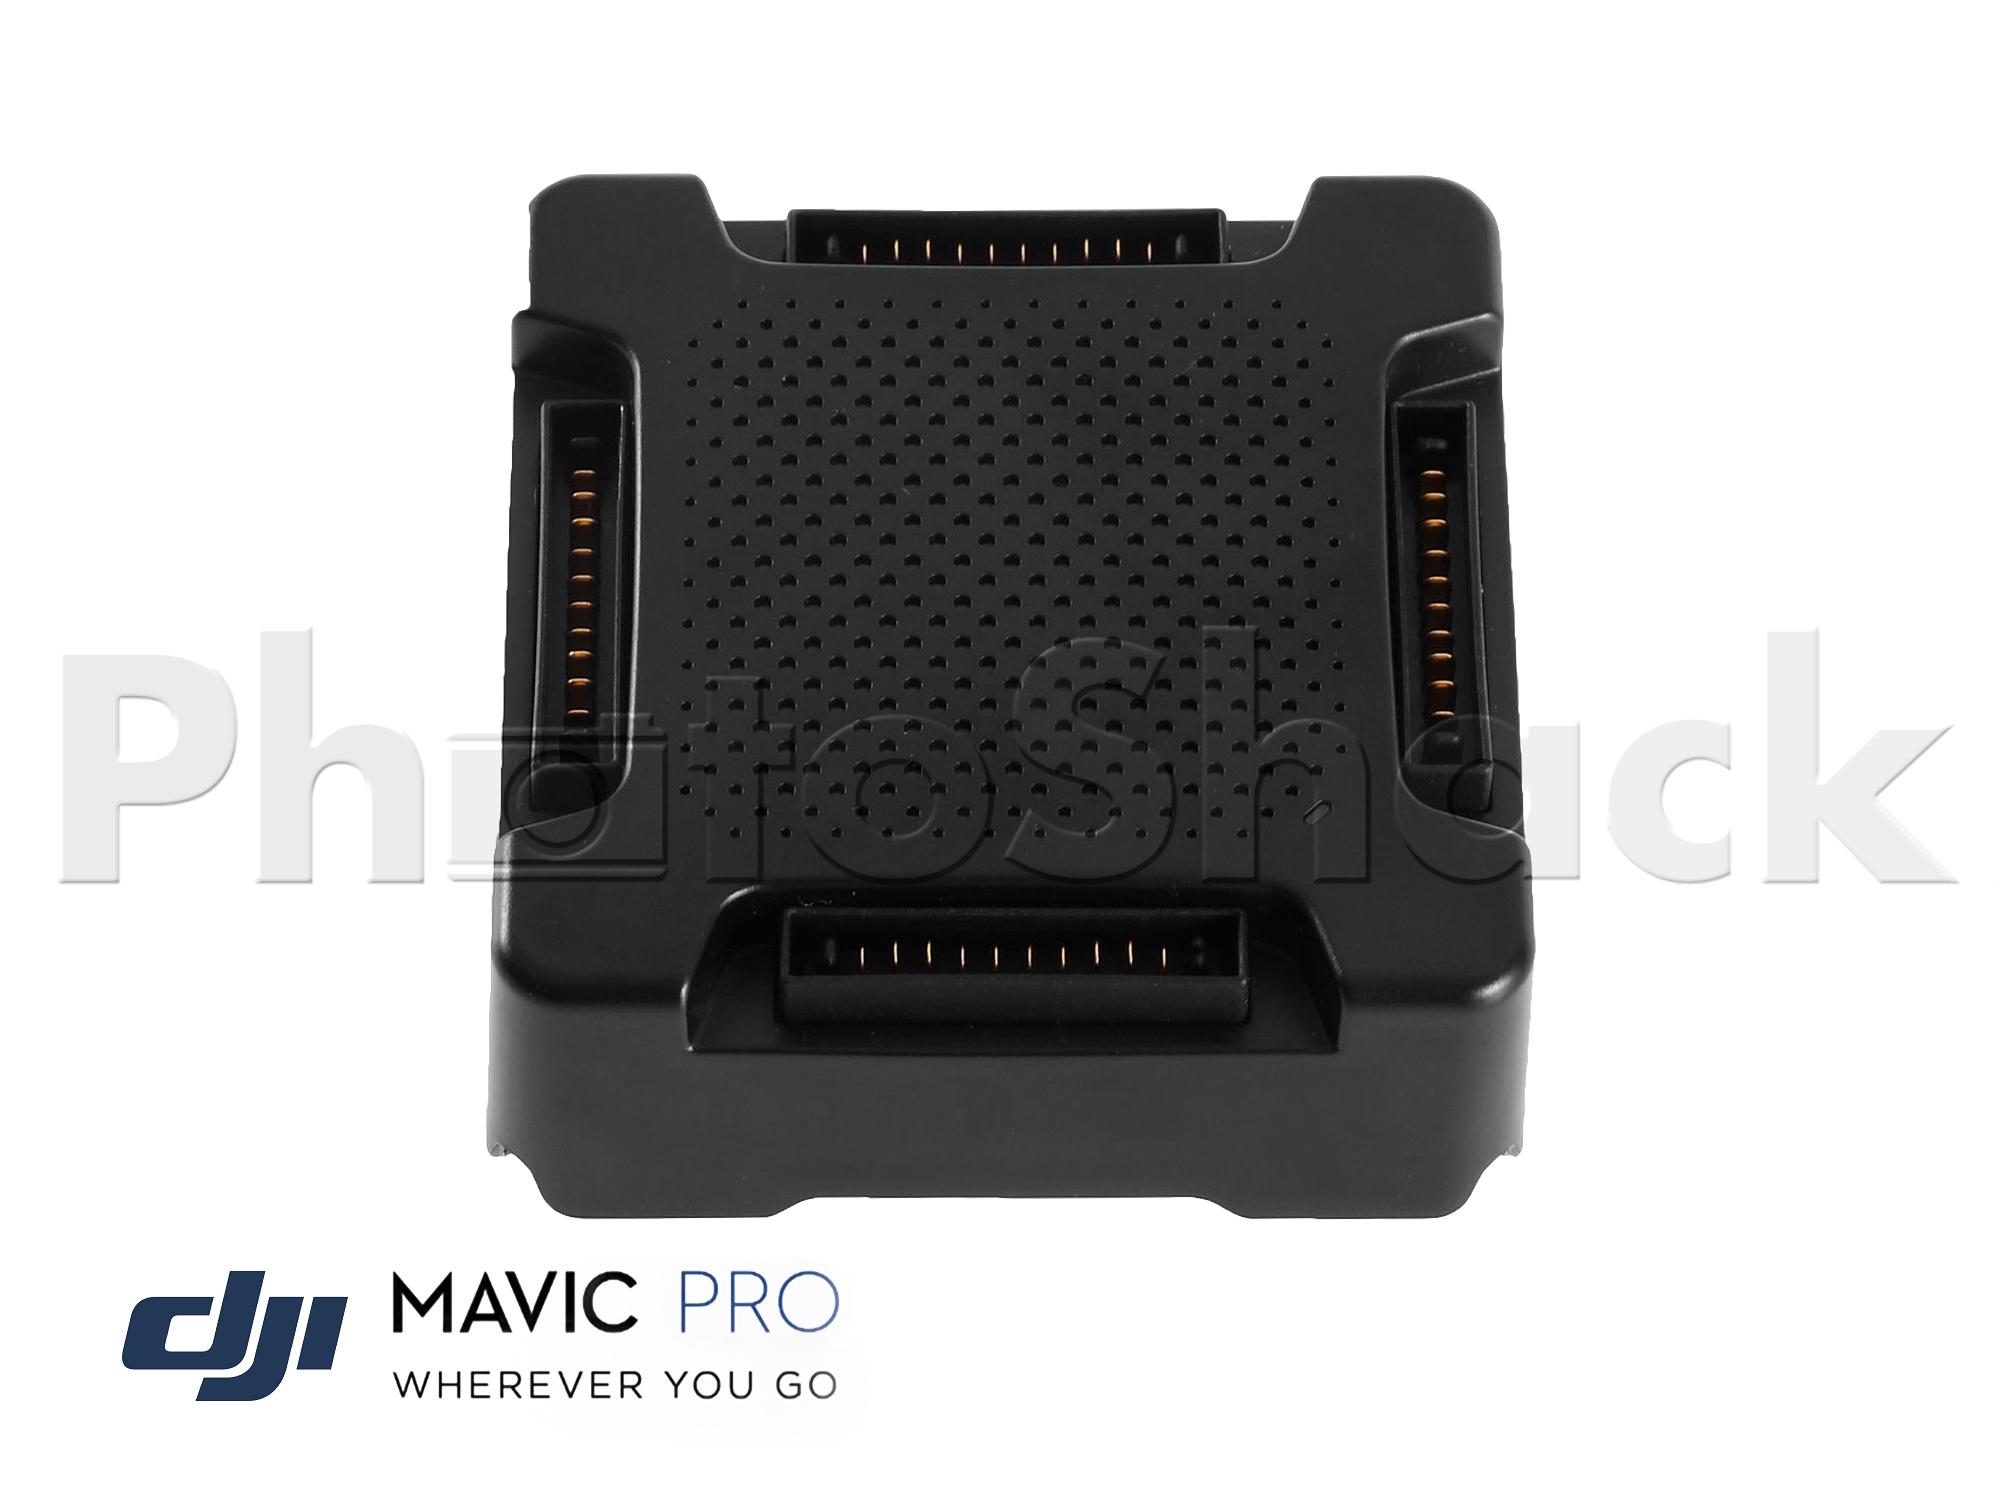 Dji Mavic Pro Battery Charging Hub Djimavicpart7 Photoshack New Phantom 4